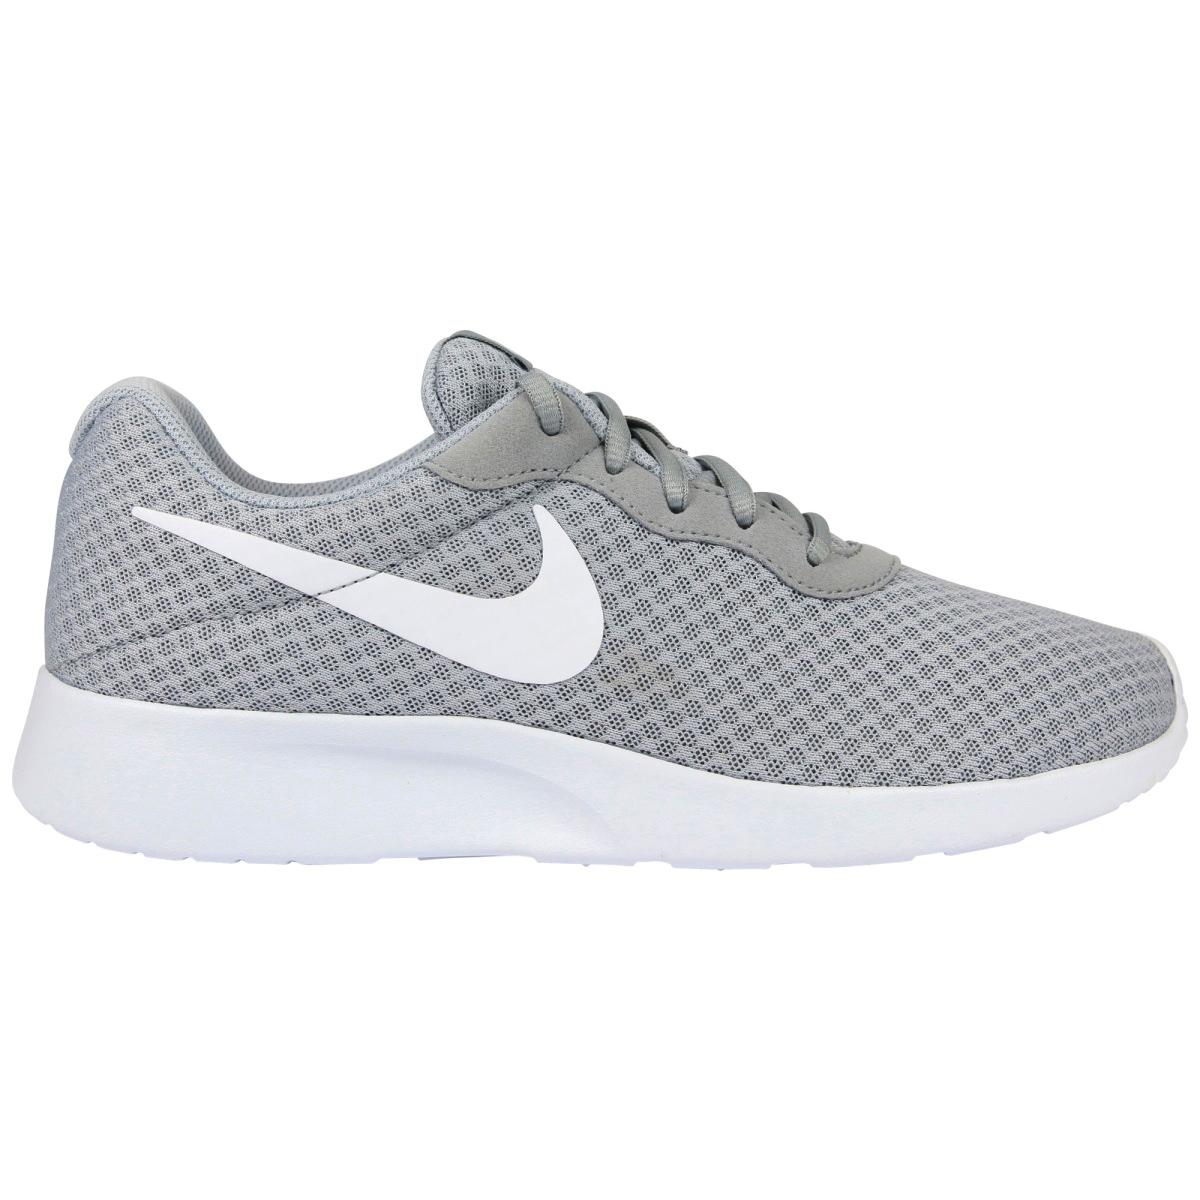 Nike Tanjun Sneaker grau weiß 812654 010